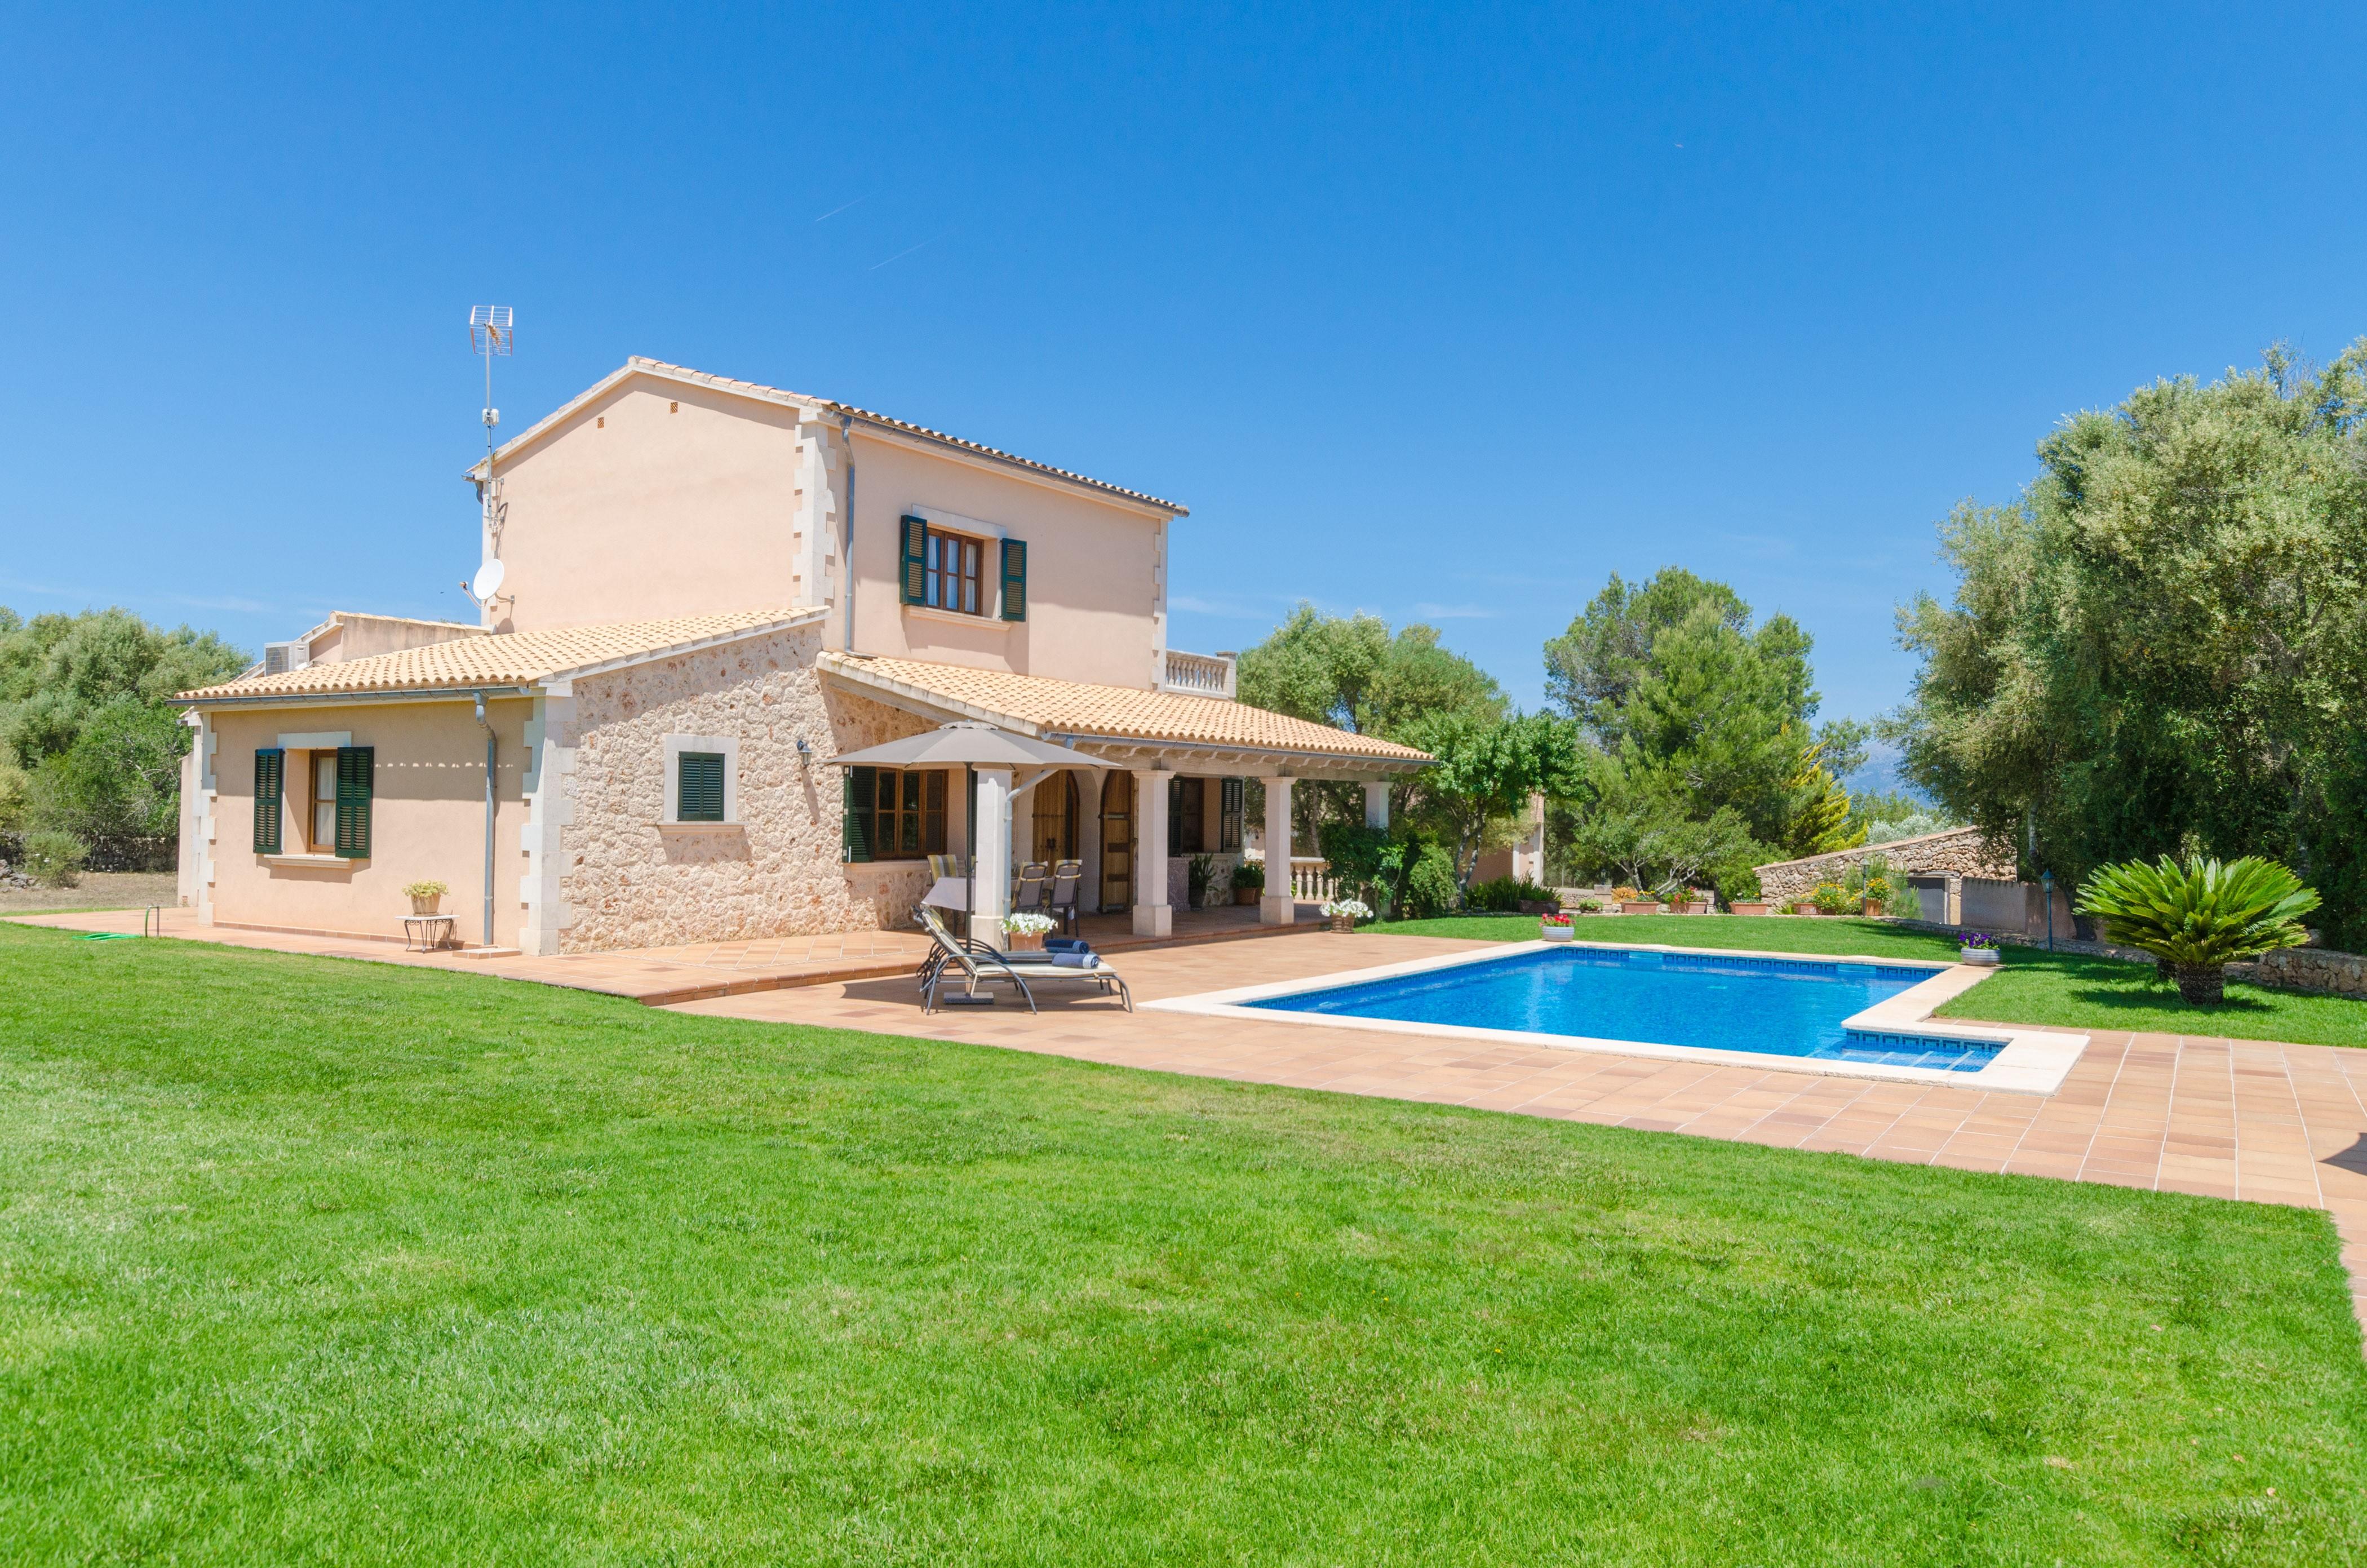 Maison de vacances ES VEDAT (2632993), Lloret de Vistalegre, Majorque, Iles Baléares, Espagne, image 38